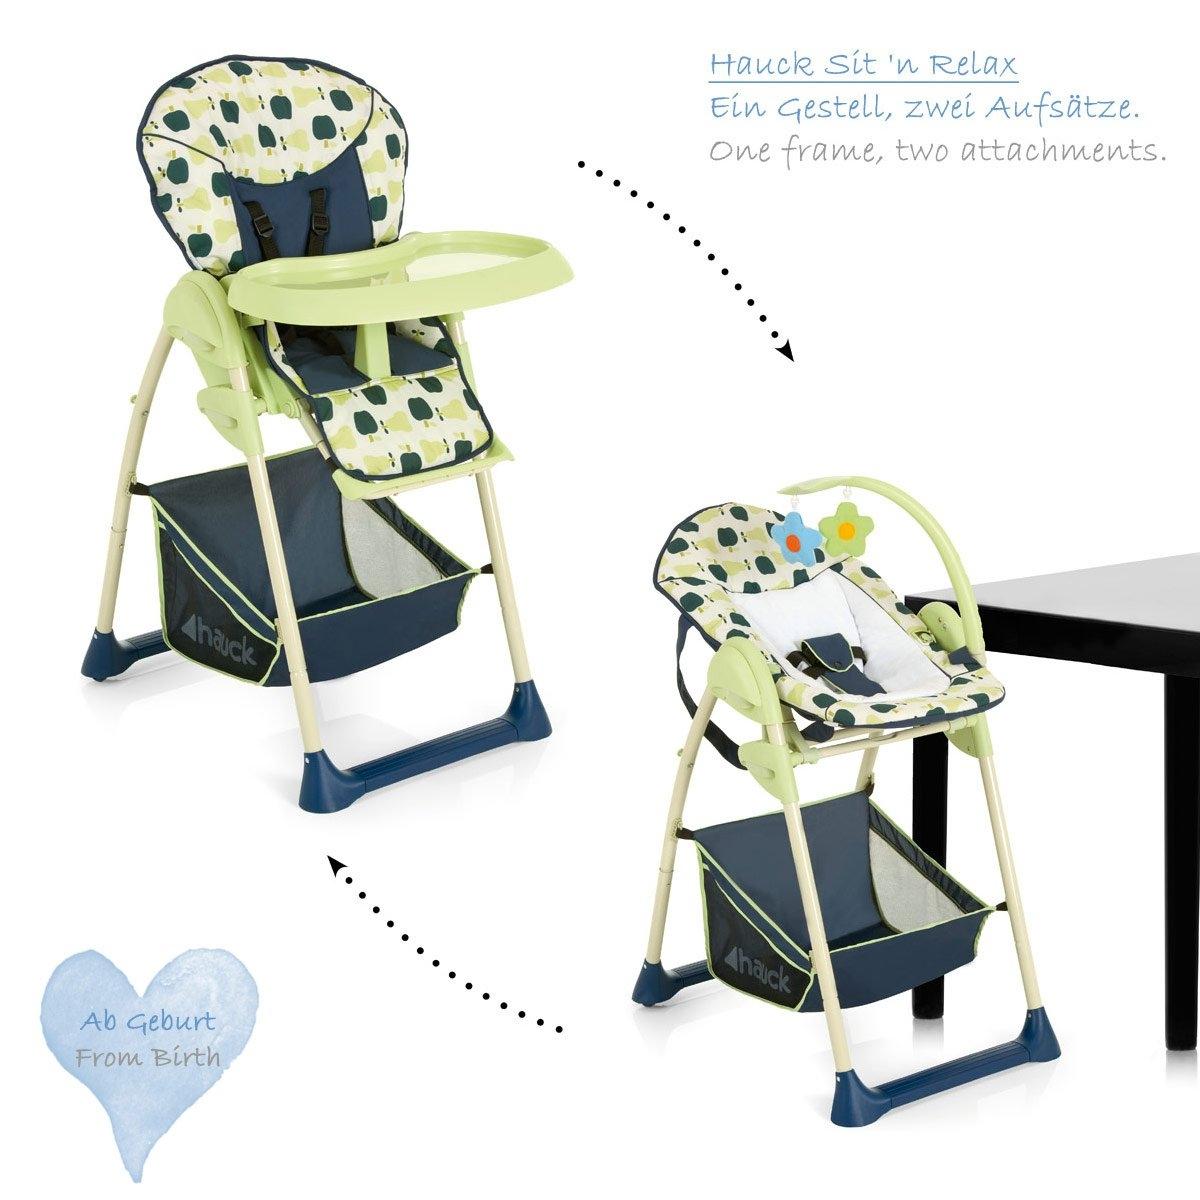 Hauck sit 39 n relax 2in1 hochstuhl und babywippe design 2014 farbe w hlbar ebay - Design hochstuhl ...